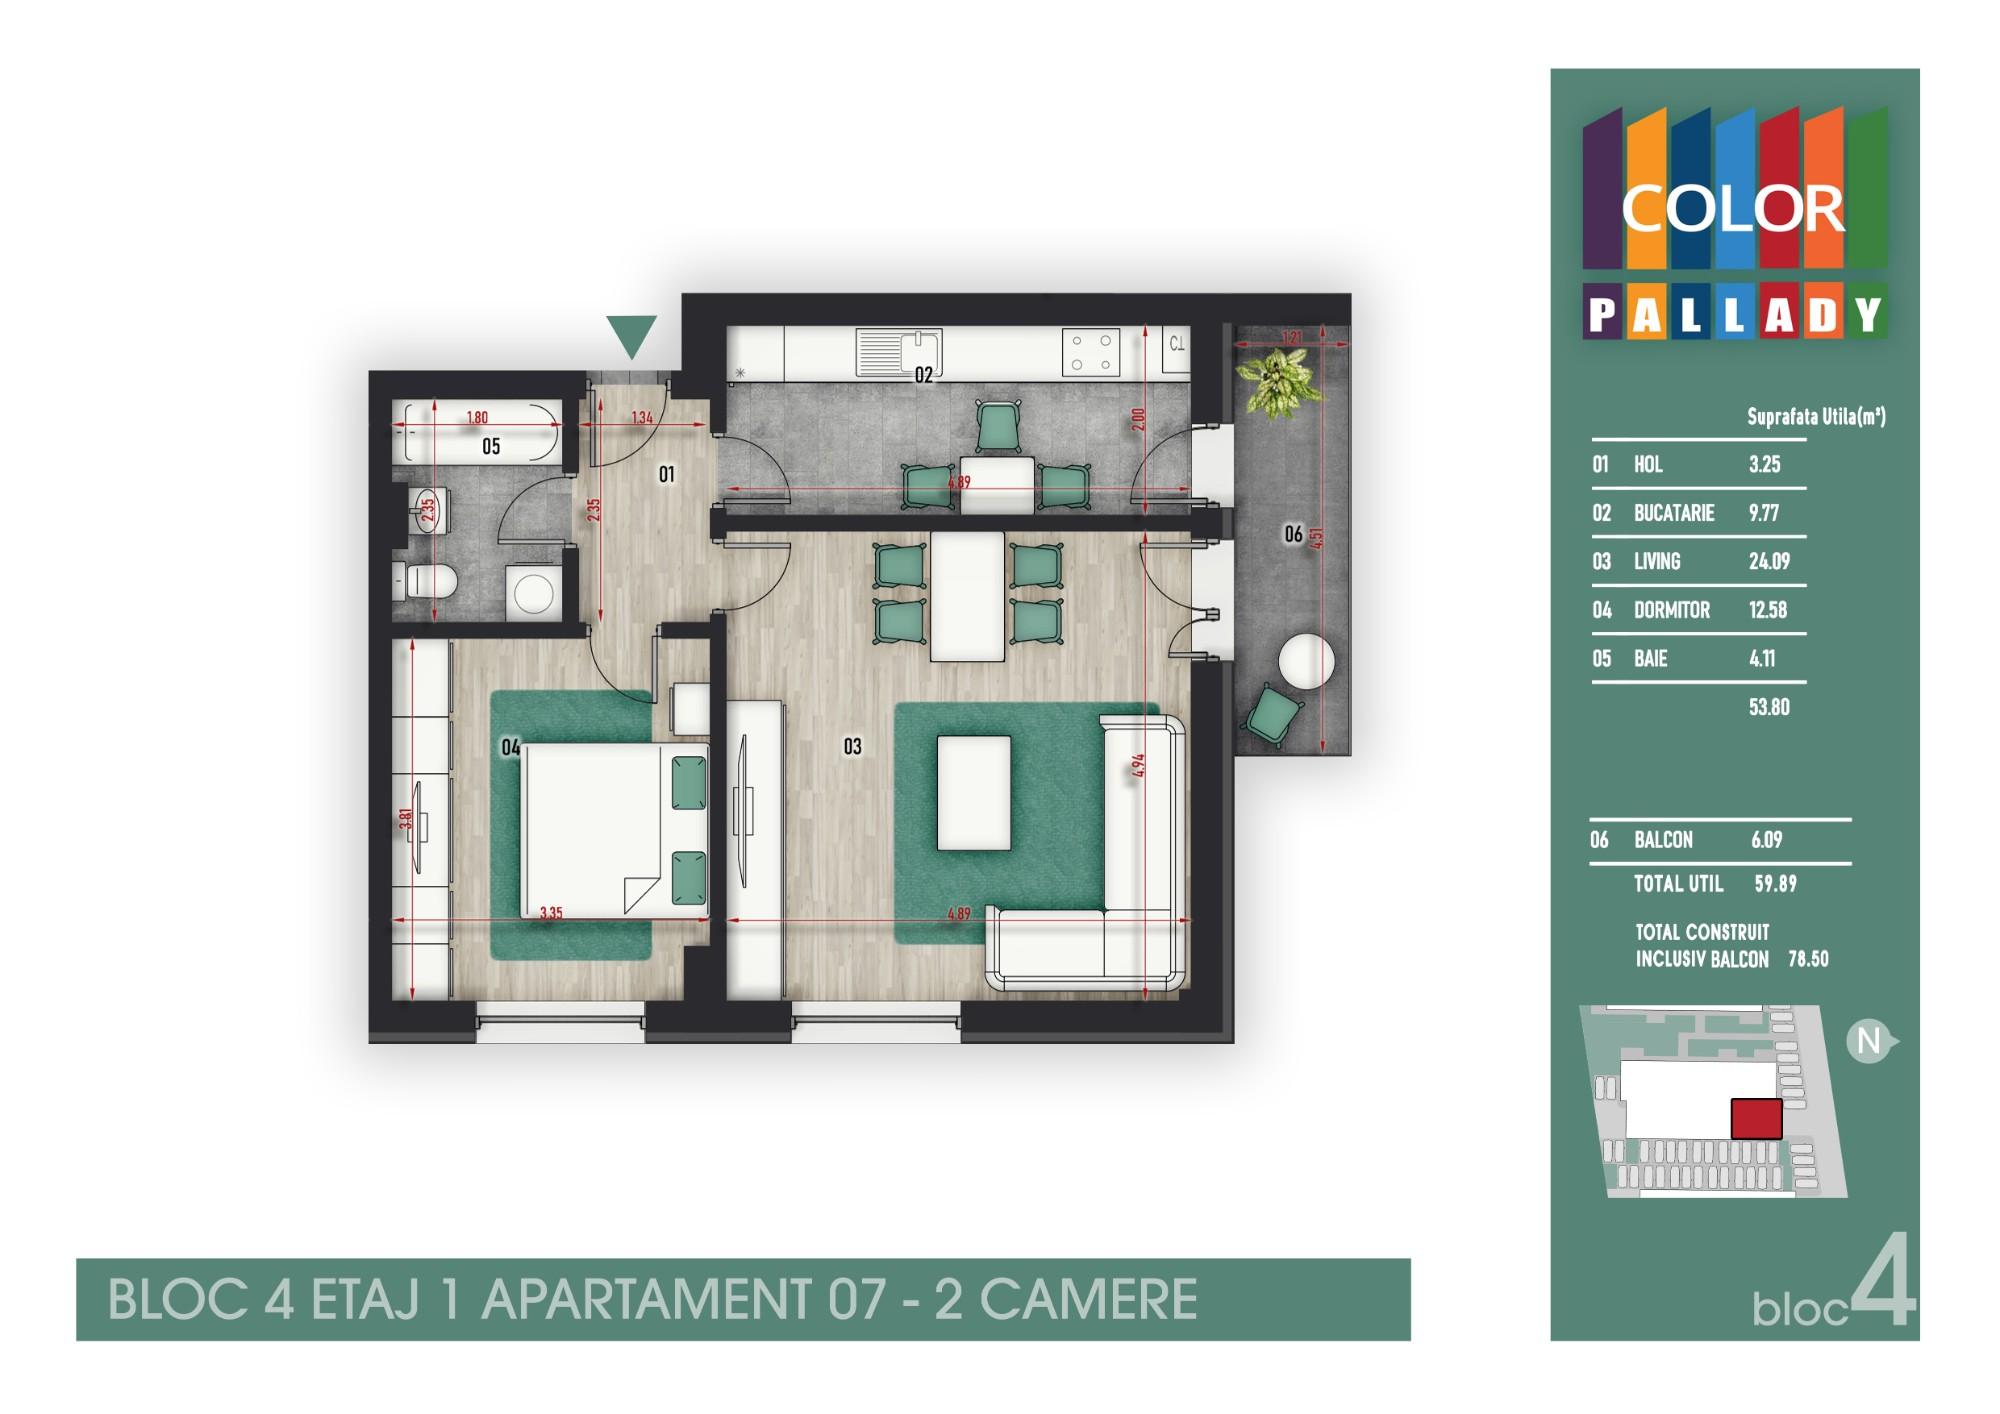 Bloc 4 - Etaj 1 - Apartament 07